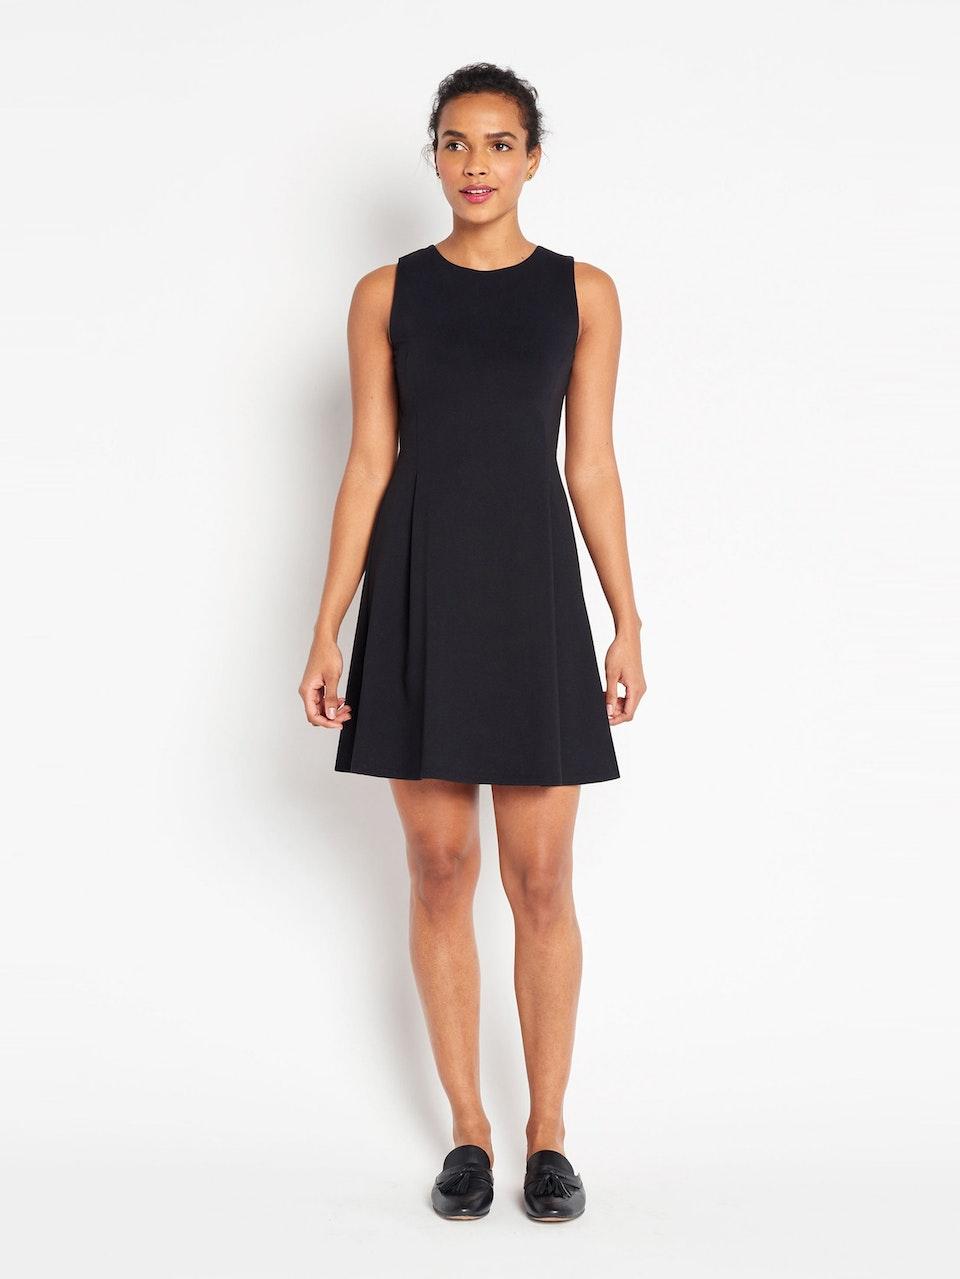 Kenmare Dress